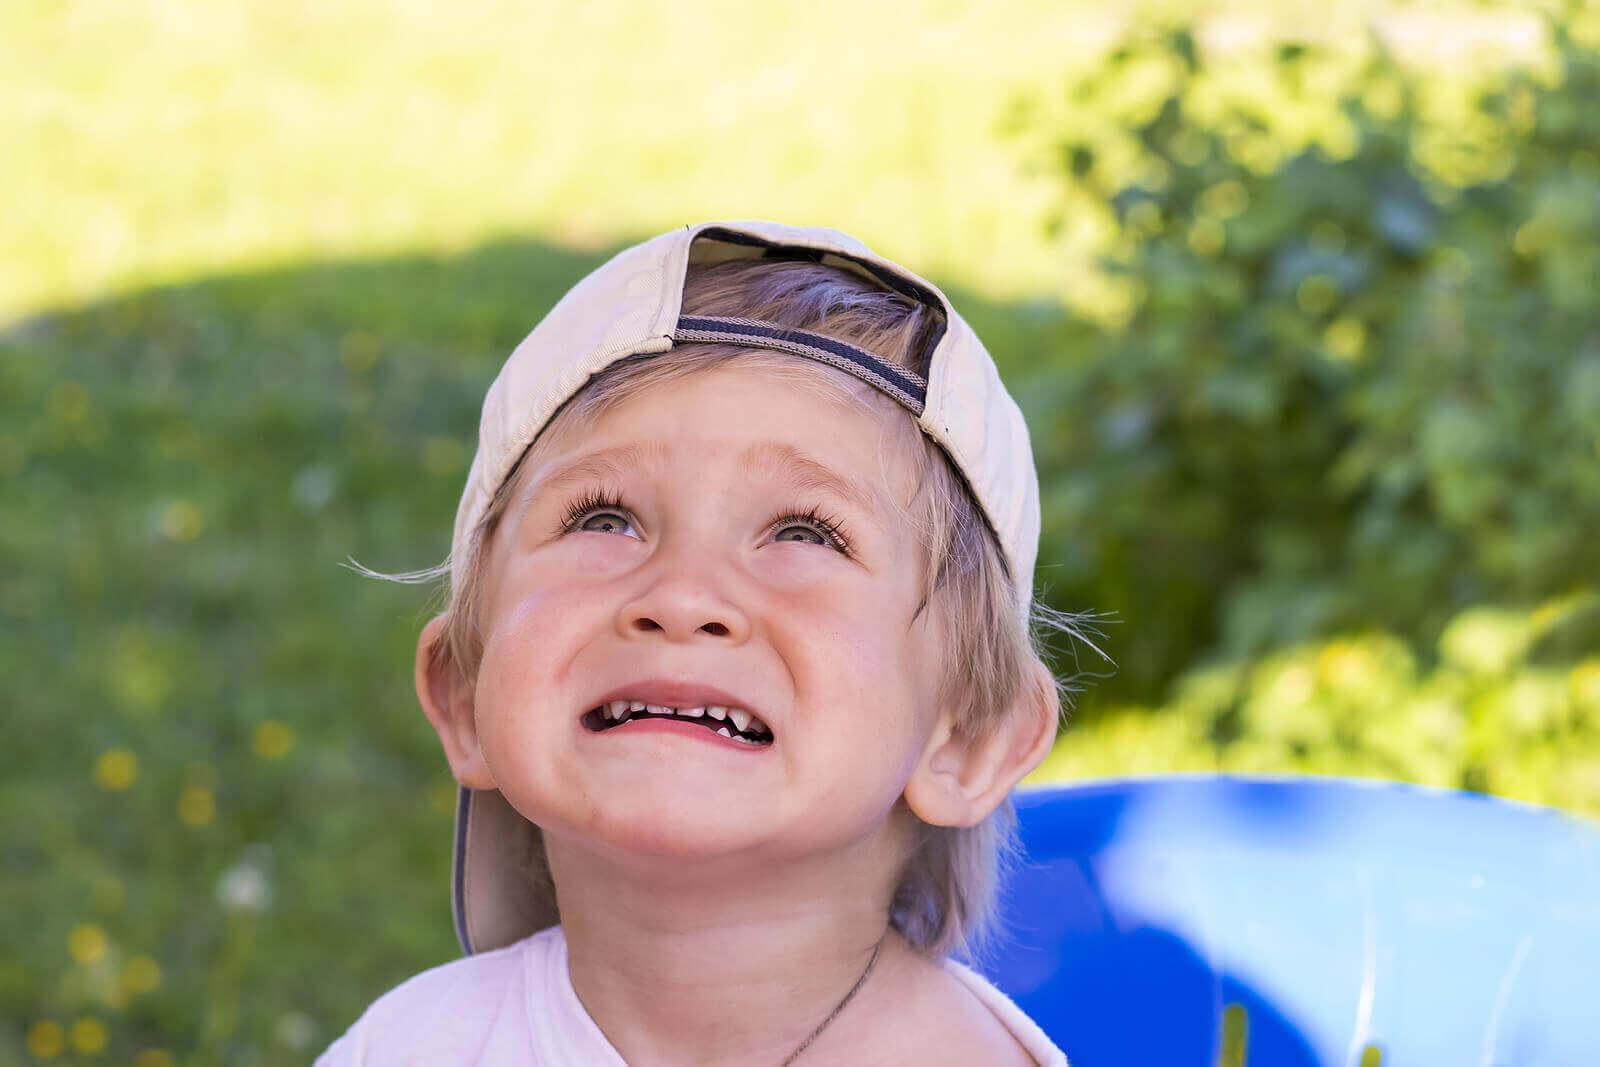 Barnet mitt er redd for kinaputtter: Hva skal jeg gjøre?